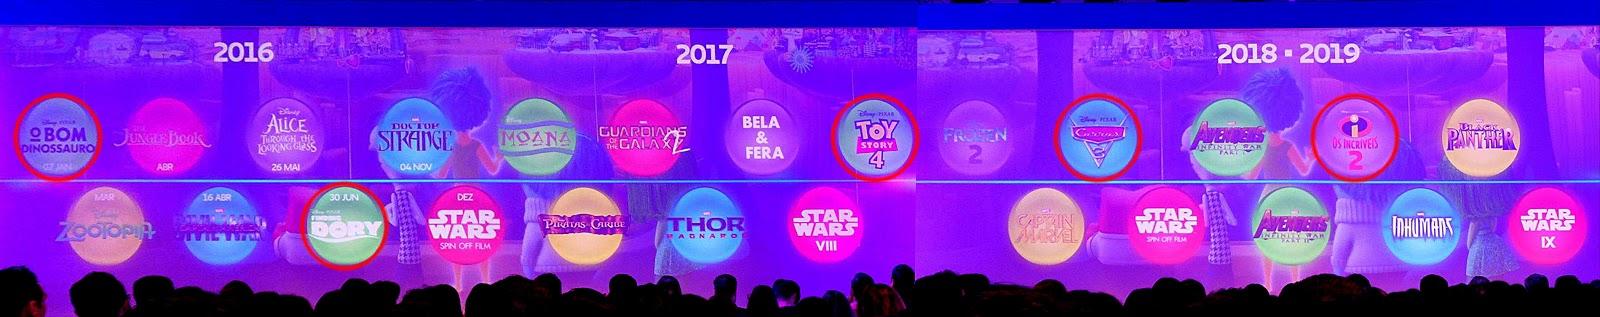 DisneyExpoBrasil-2015_Timeline